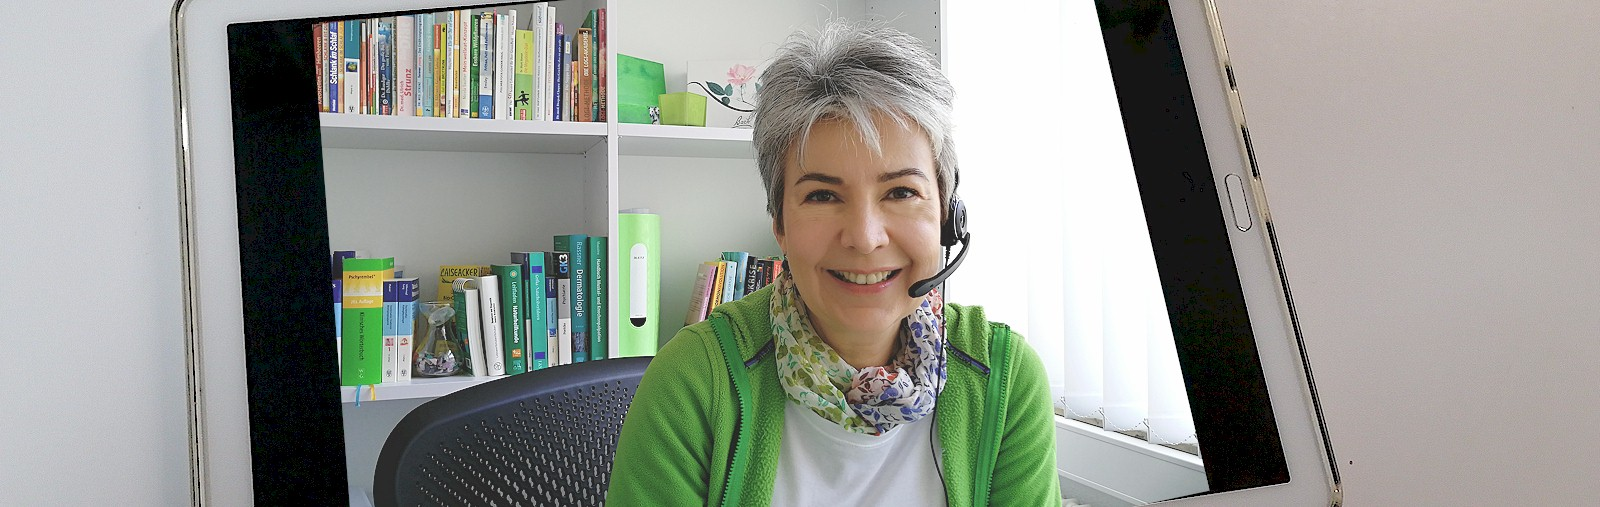 Bettina Mangold - Heilpraktikerin Stuttgart